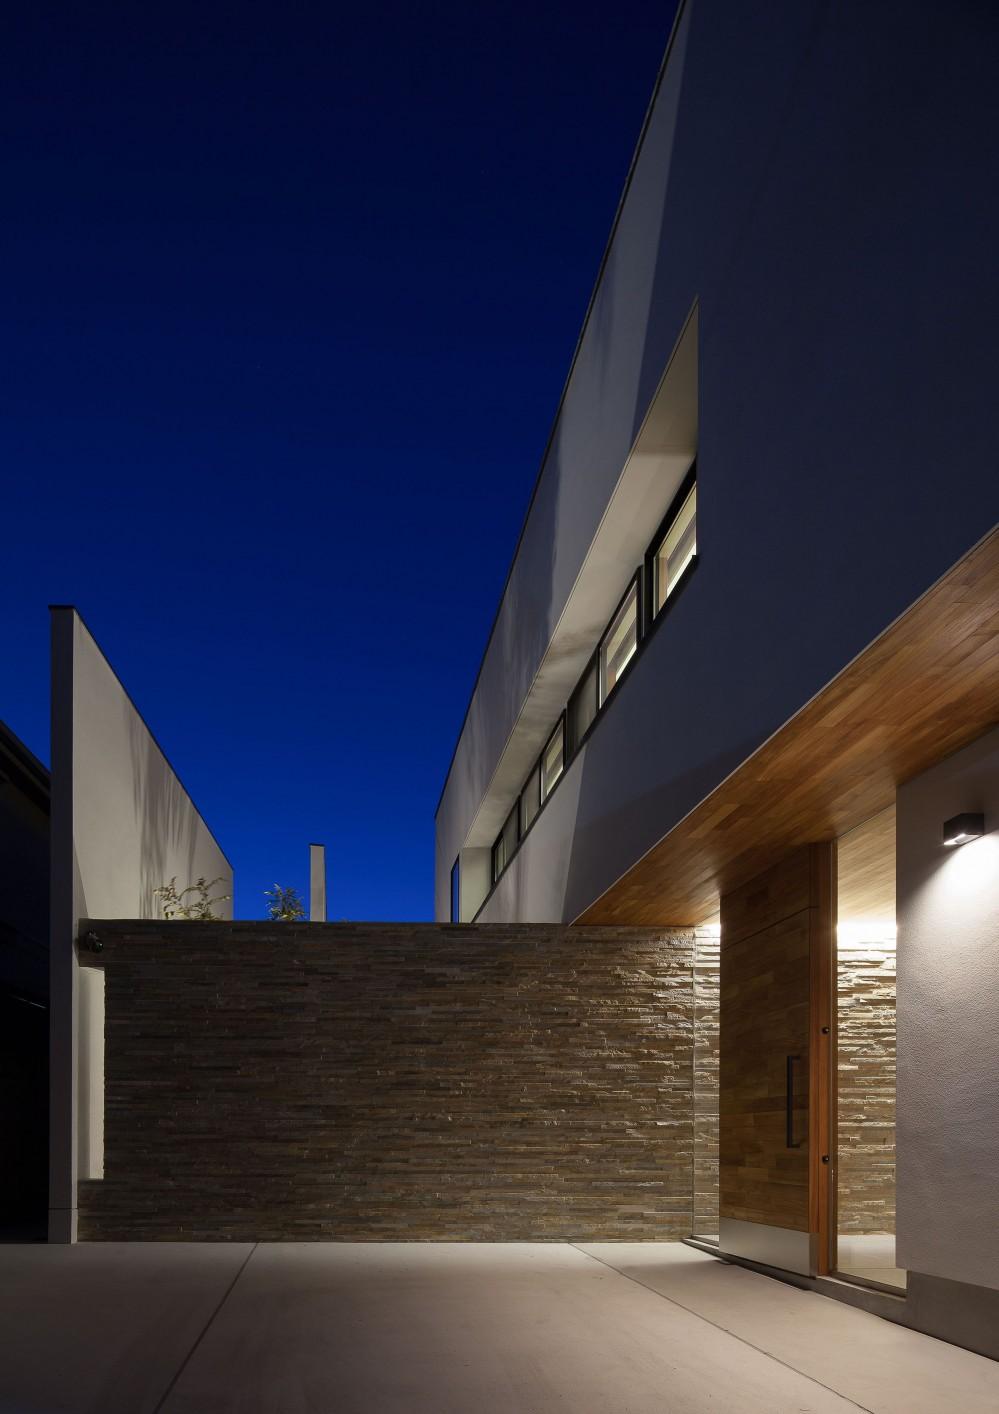 石壁の家 -内外の連続性をつくりだす石壁- (エントランス外観(夜景))